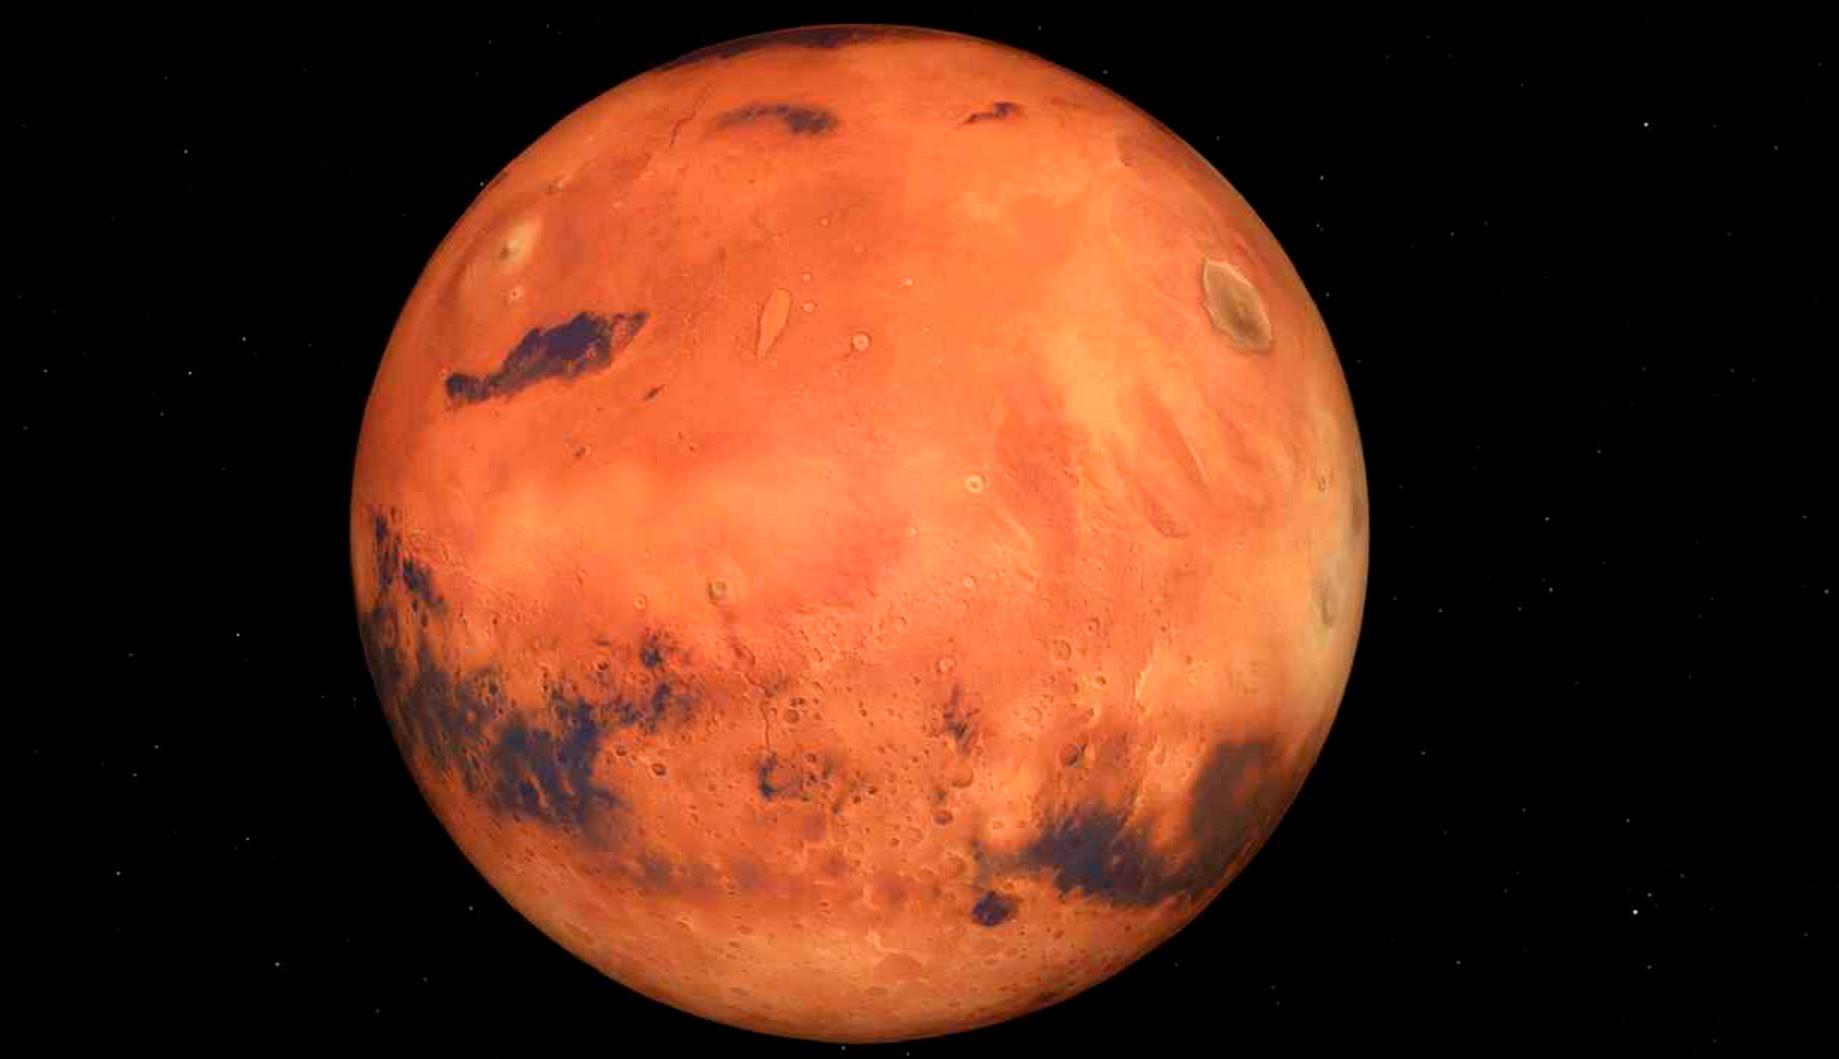 La NASA quemó por accidente la mejor prueba de vida en Marte hace 40 años